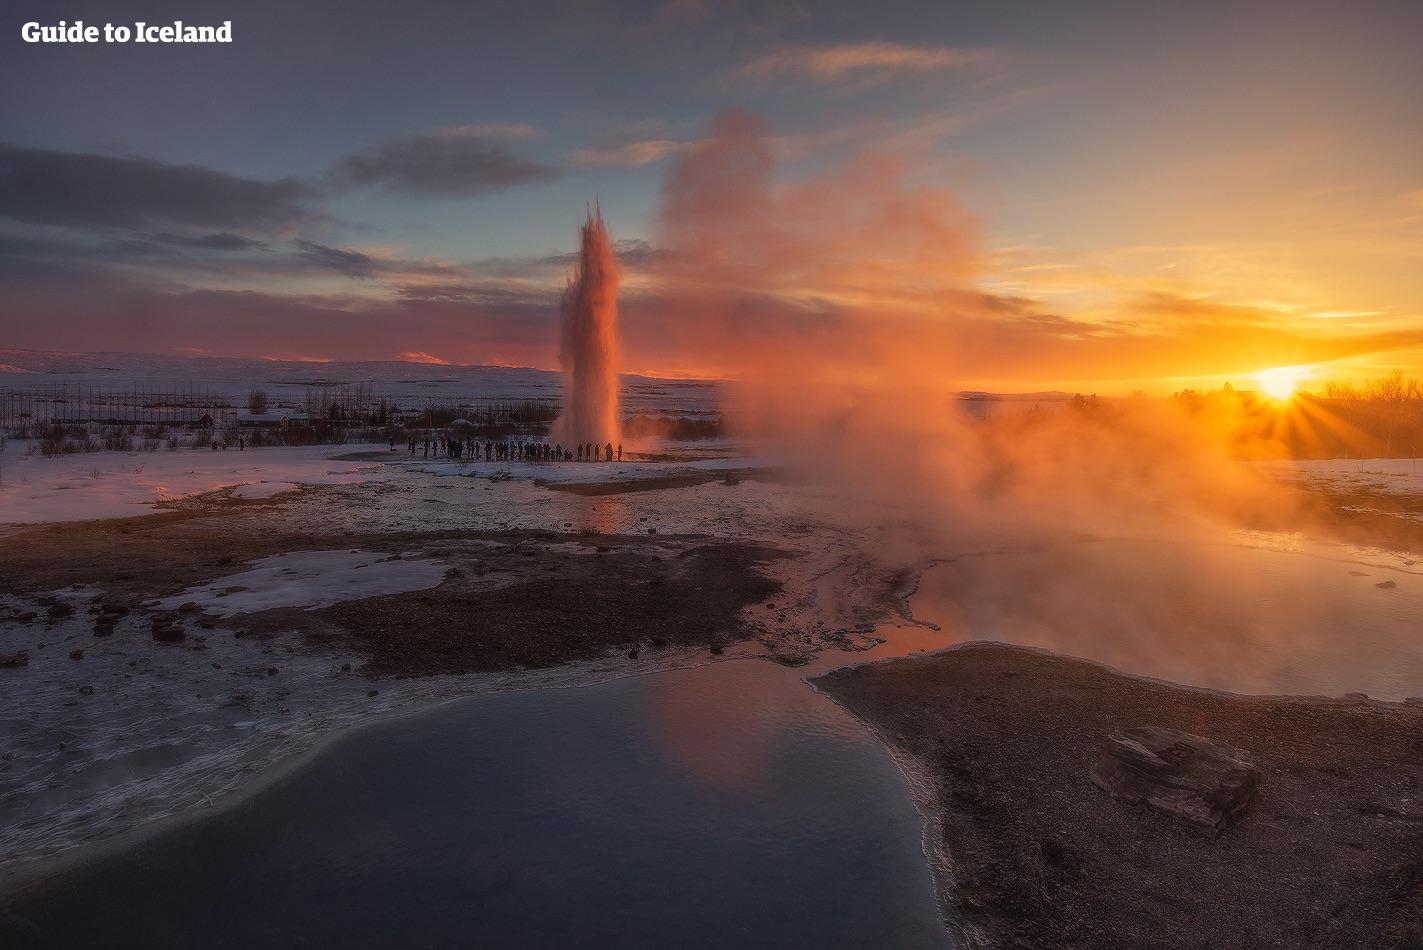 Om vinteren lyser solen i bare noen timer hver dag på Island, og dette kontinuerlige tussmørket skaper fantastiske motiver på steder som det geotermiske området Geysir sør i landet.